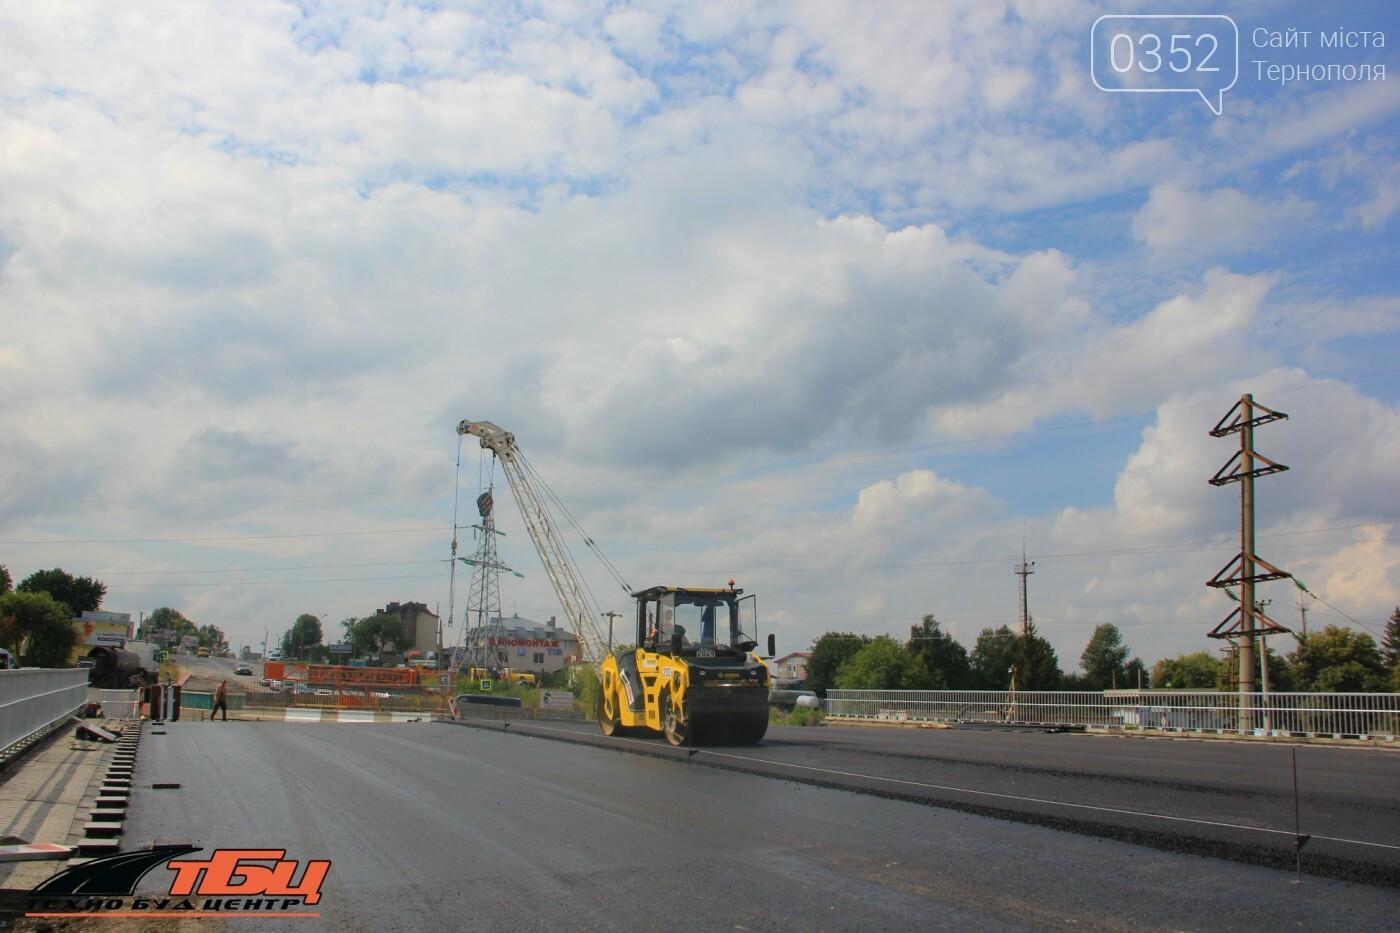 Уже сьогодні відкриють рух через Гаївський міст (ФОТО), фото-2